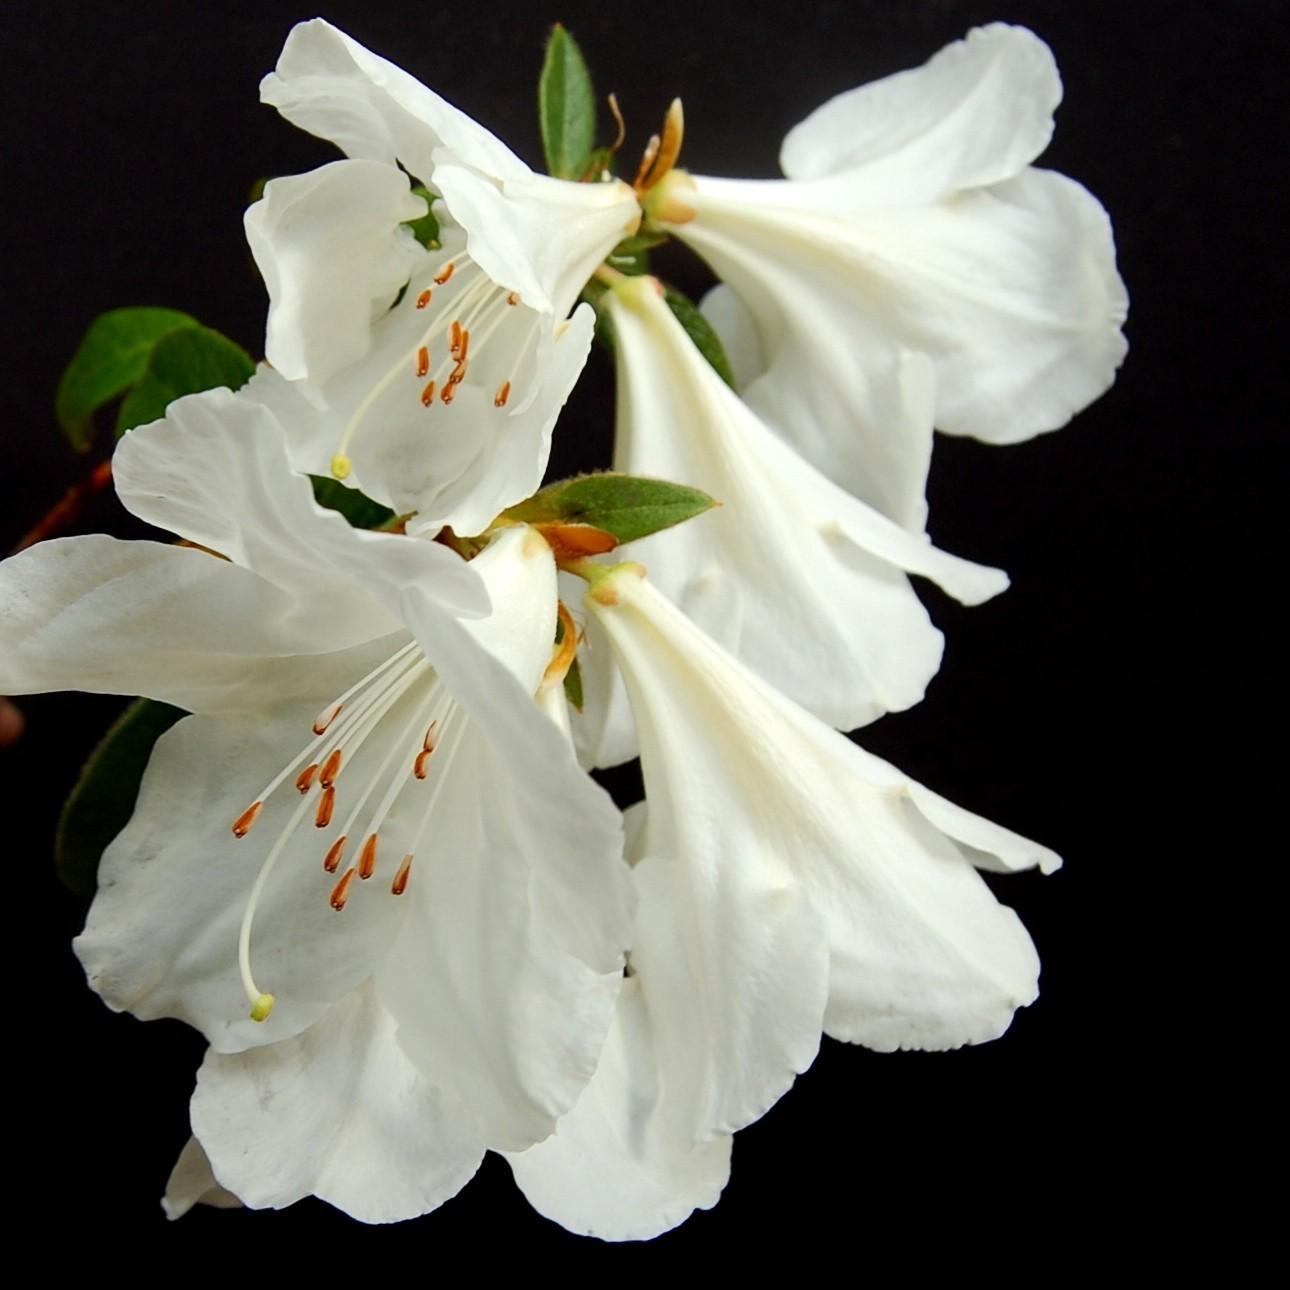 Maddenia Fragrantissimum